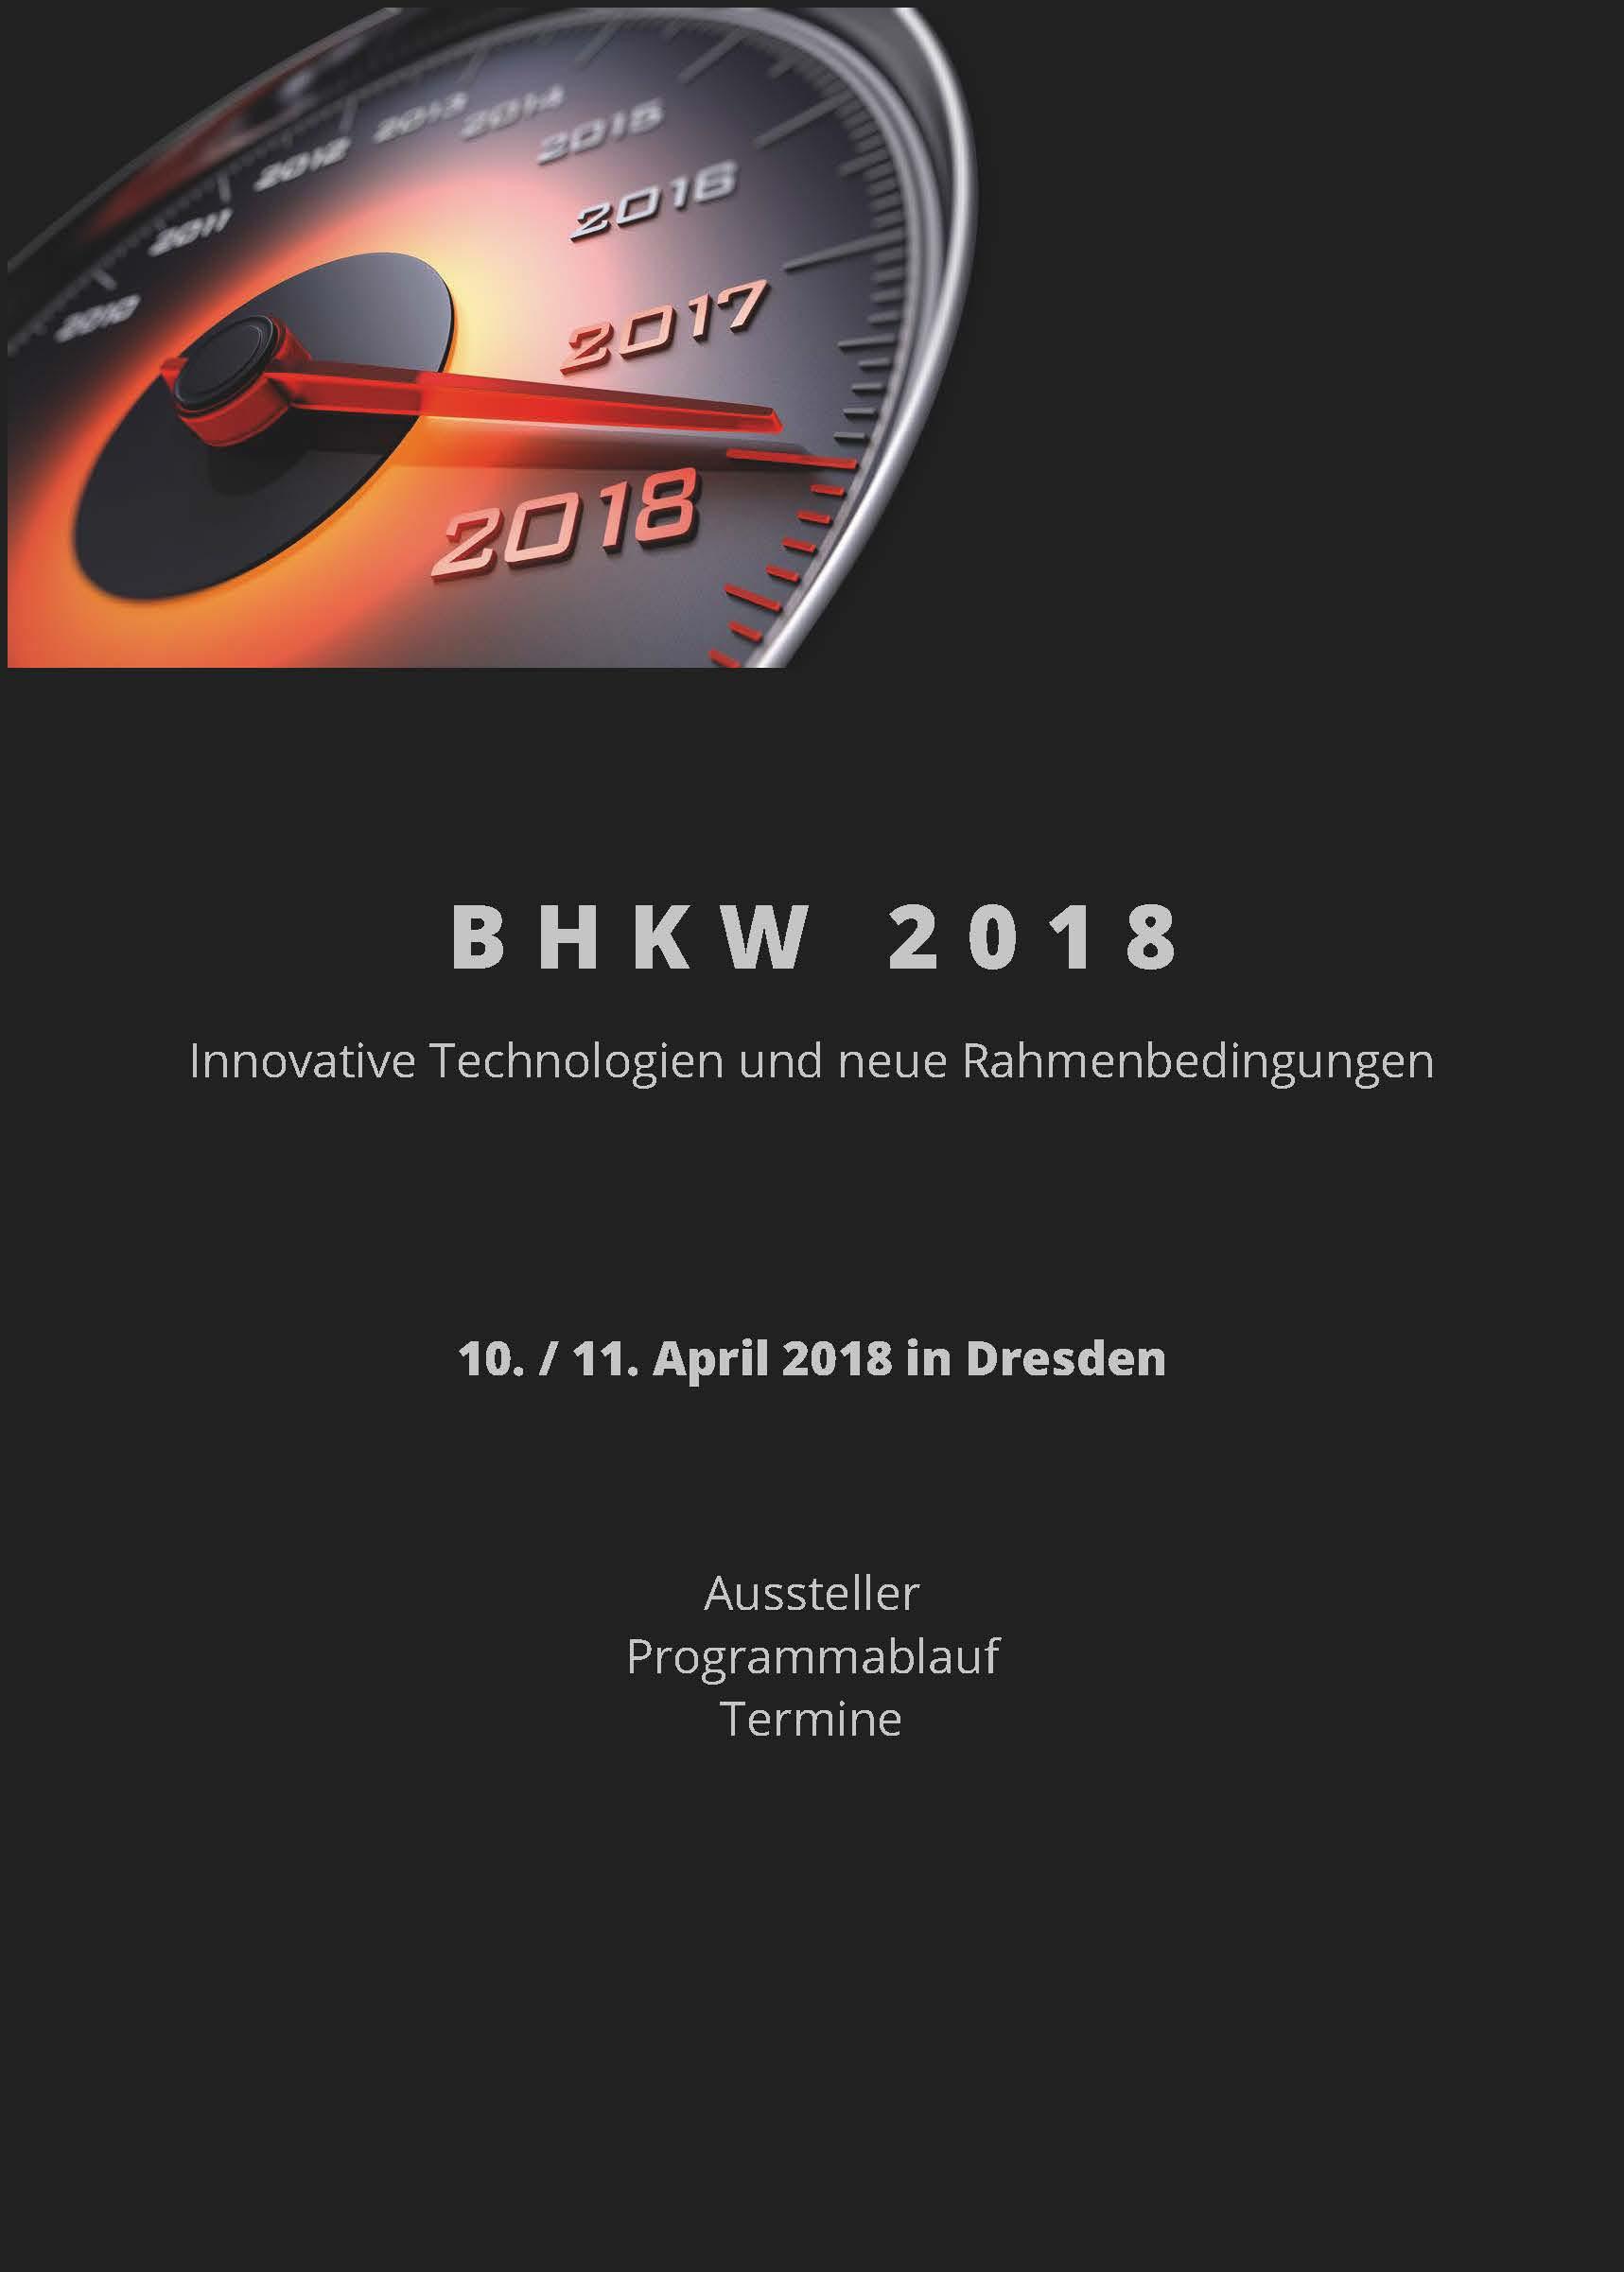 Infobroschüre zur BHKW 2018